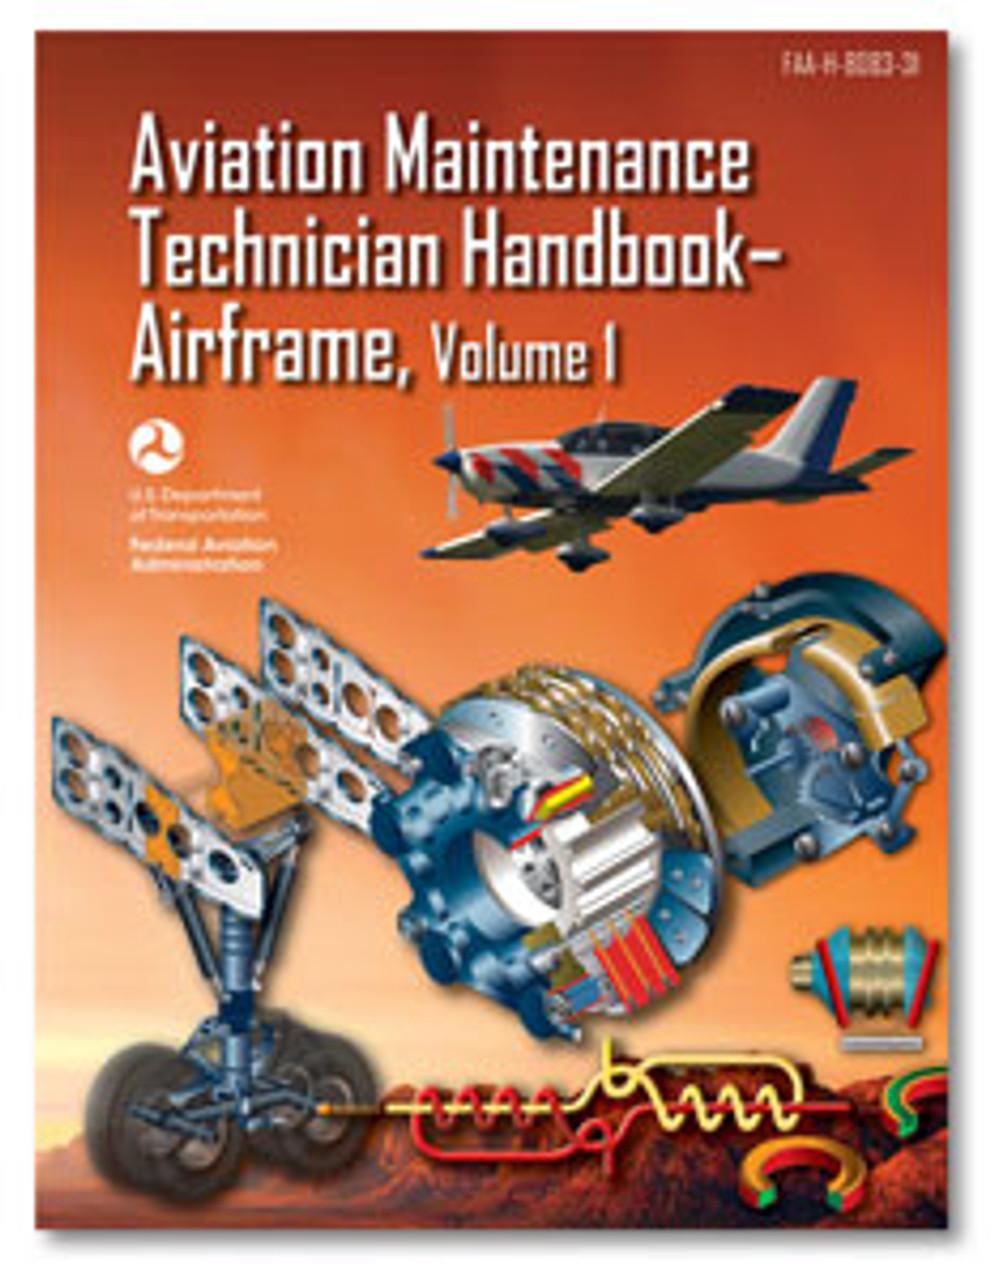 Clearance!! 2 Jeppesen Aviation Maintenance Technician Handbook-Airframe Vol